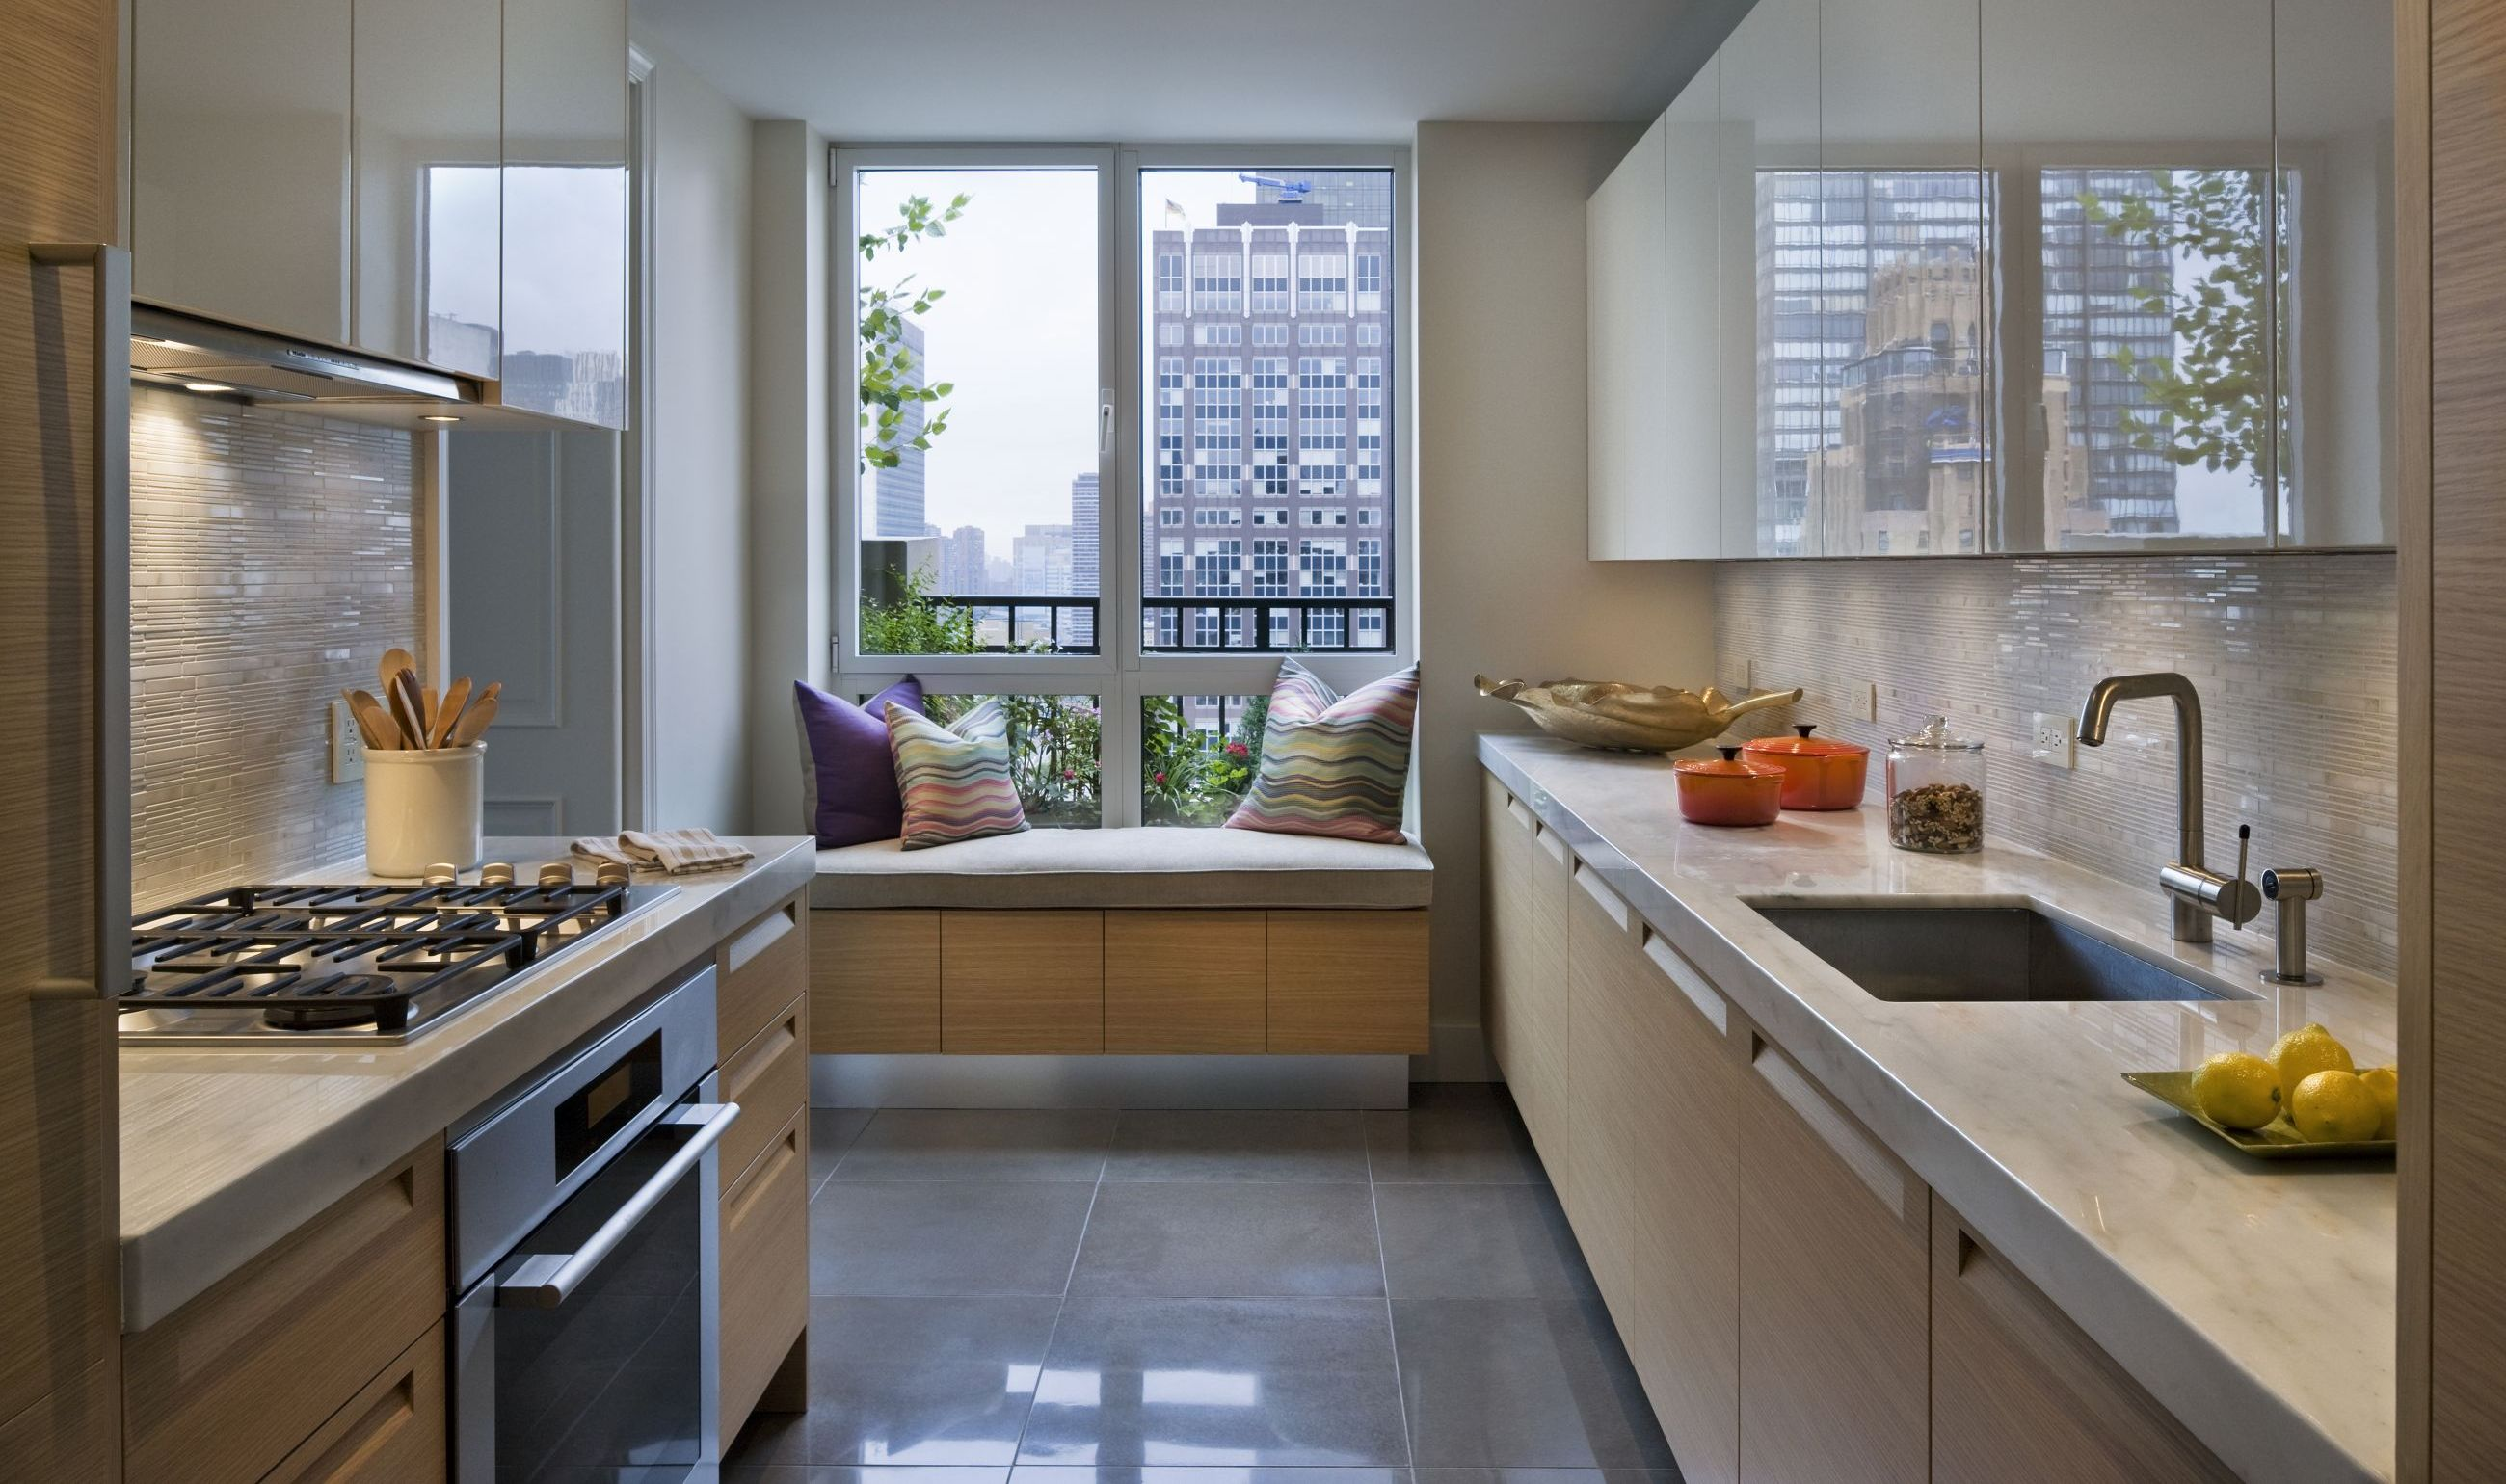 Прямоугольная кухня с балконом дизайн